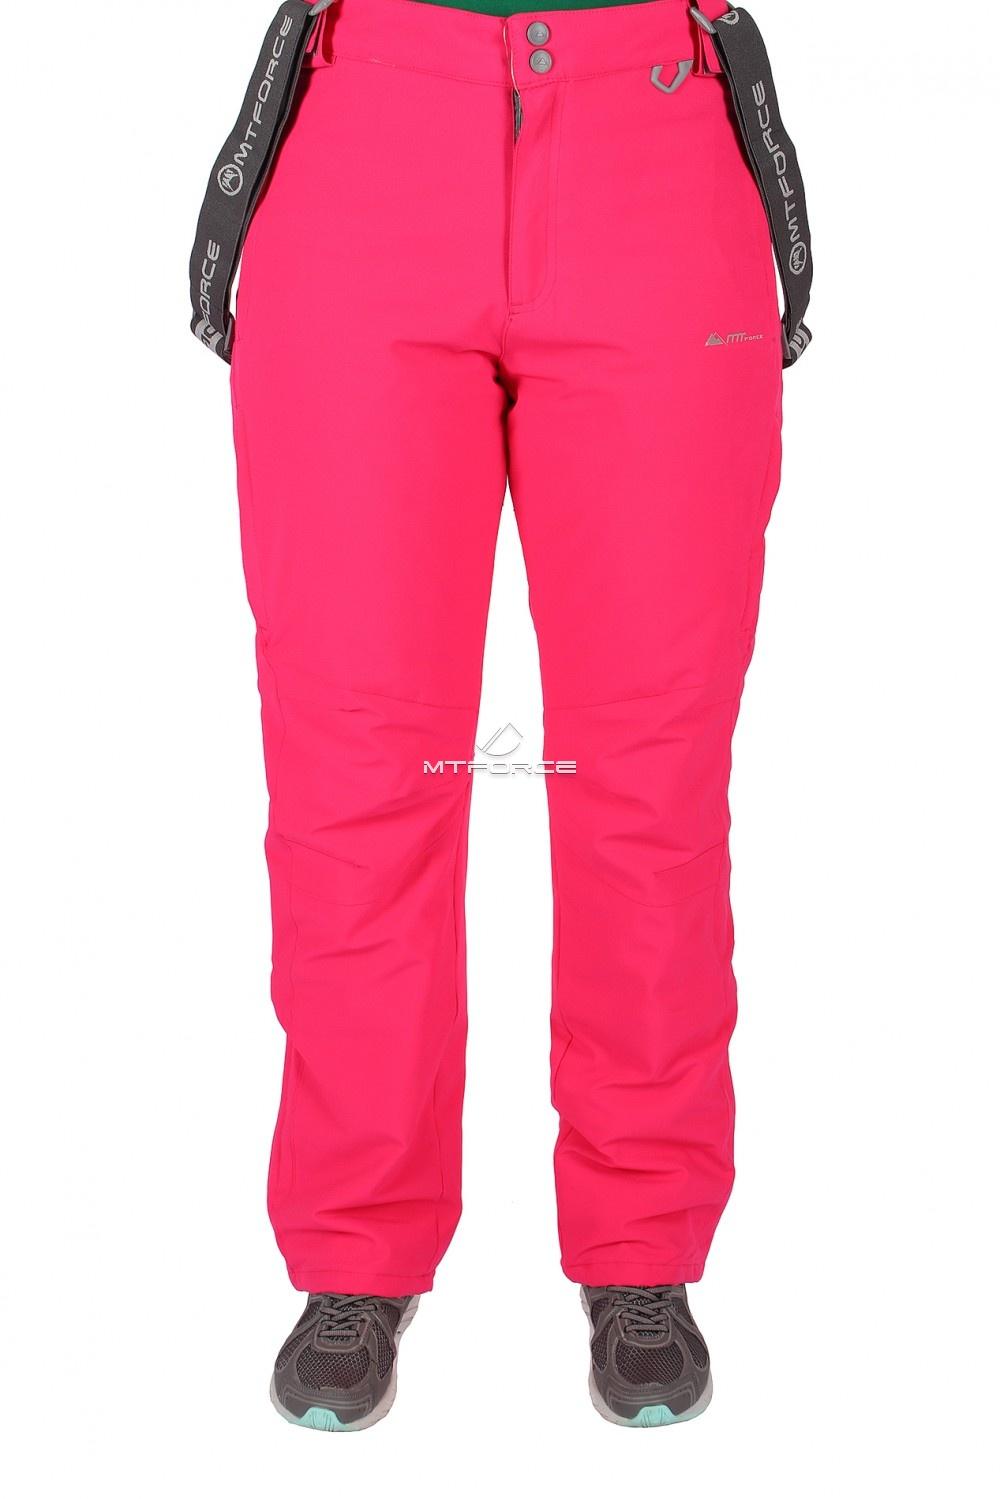 Купить                                  оптом Брюки горнолыжные женские розового цвета 524R